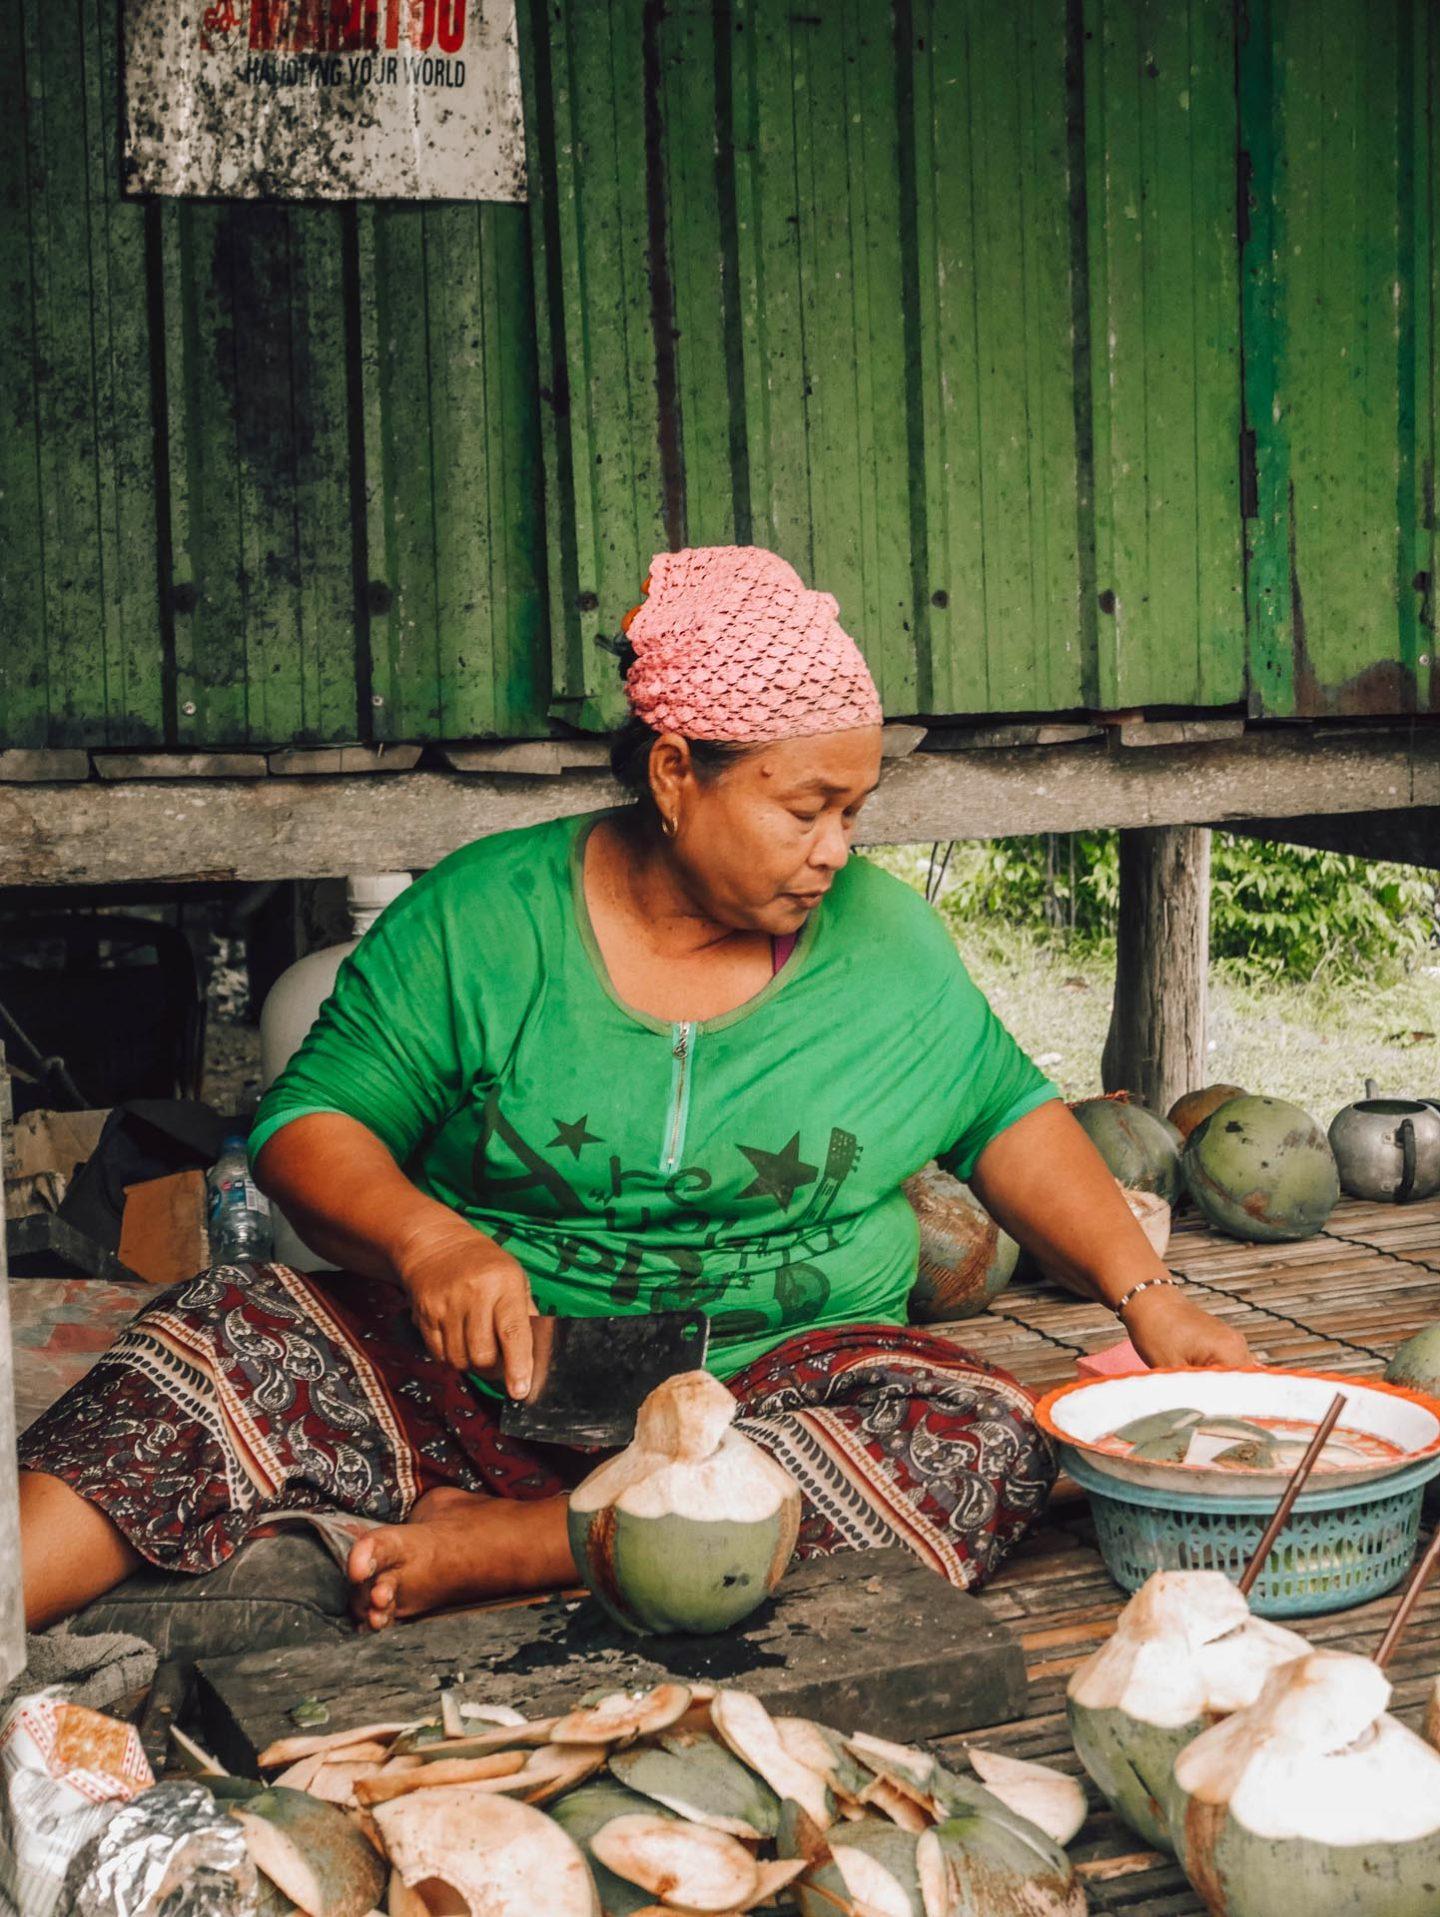 koh yao noi tourisme krabi thailande thailand tourism madebyf press trip coconut farm